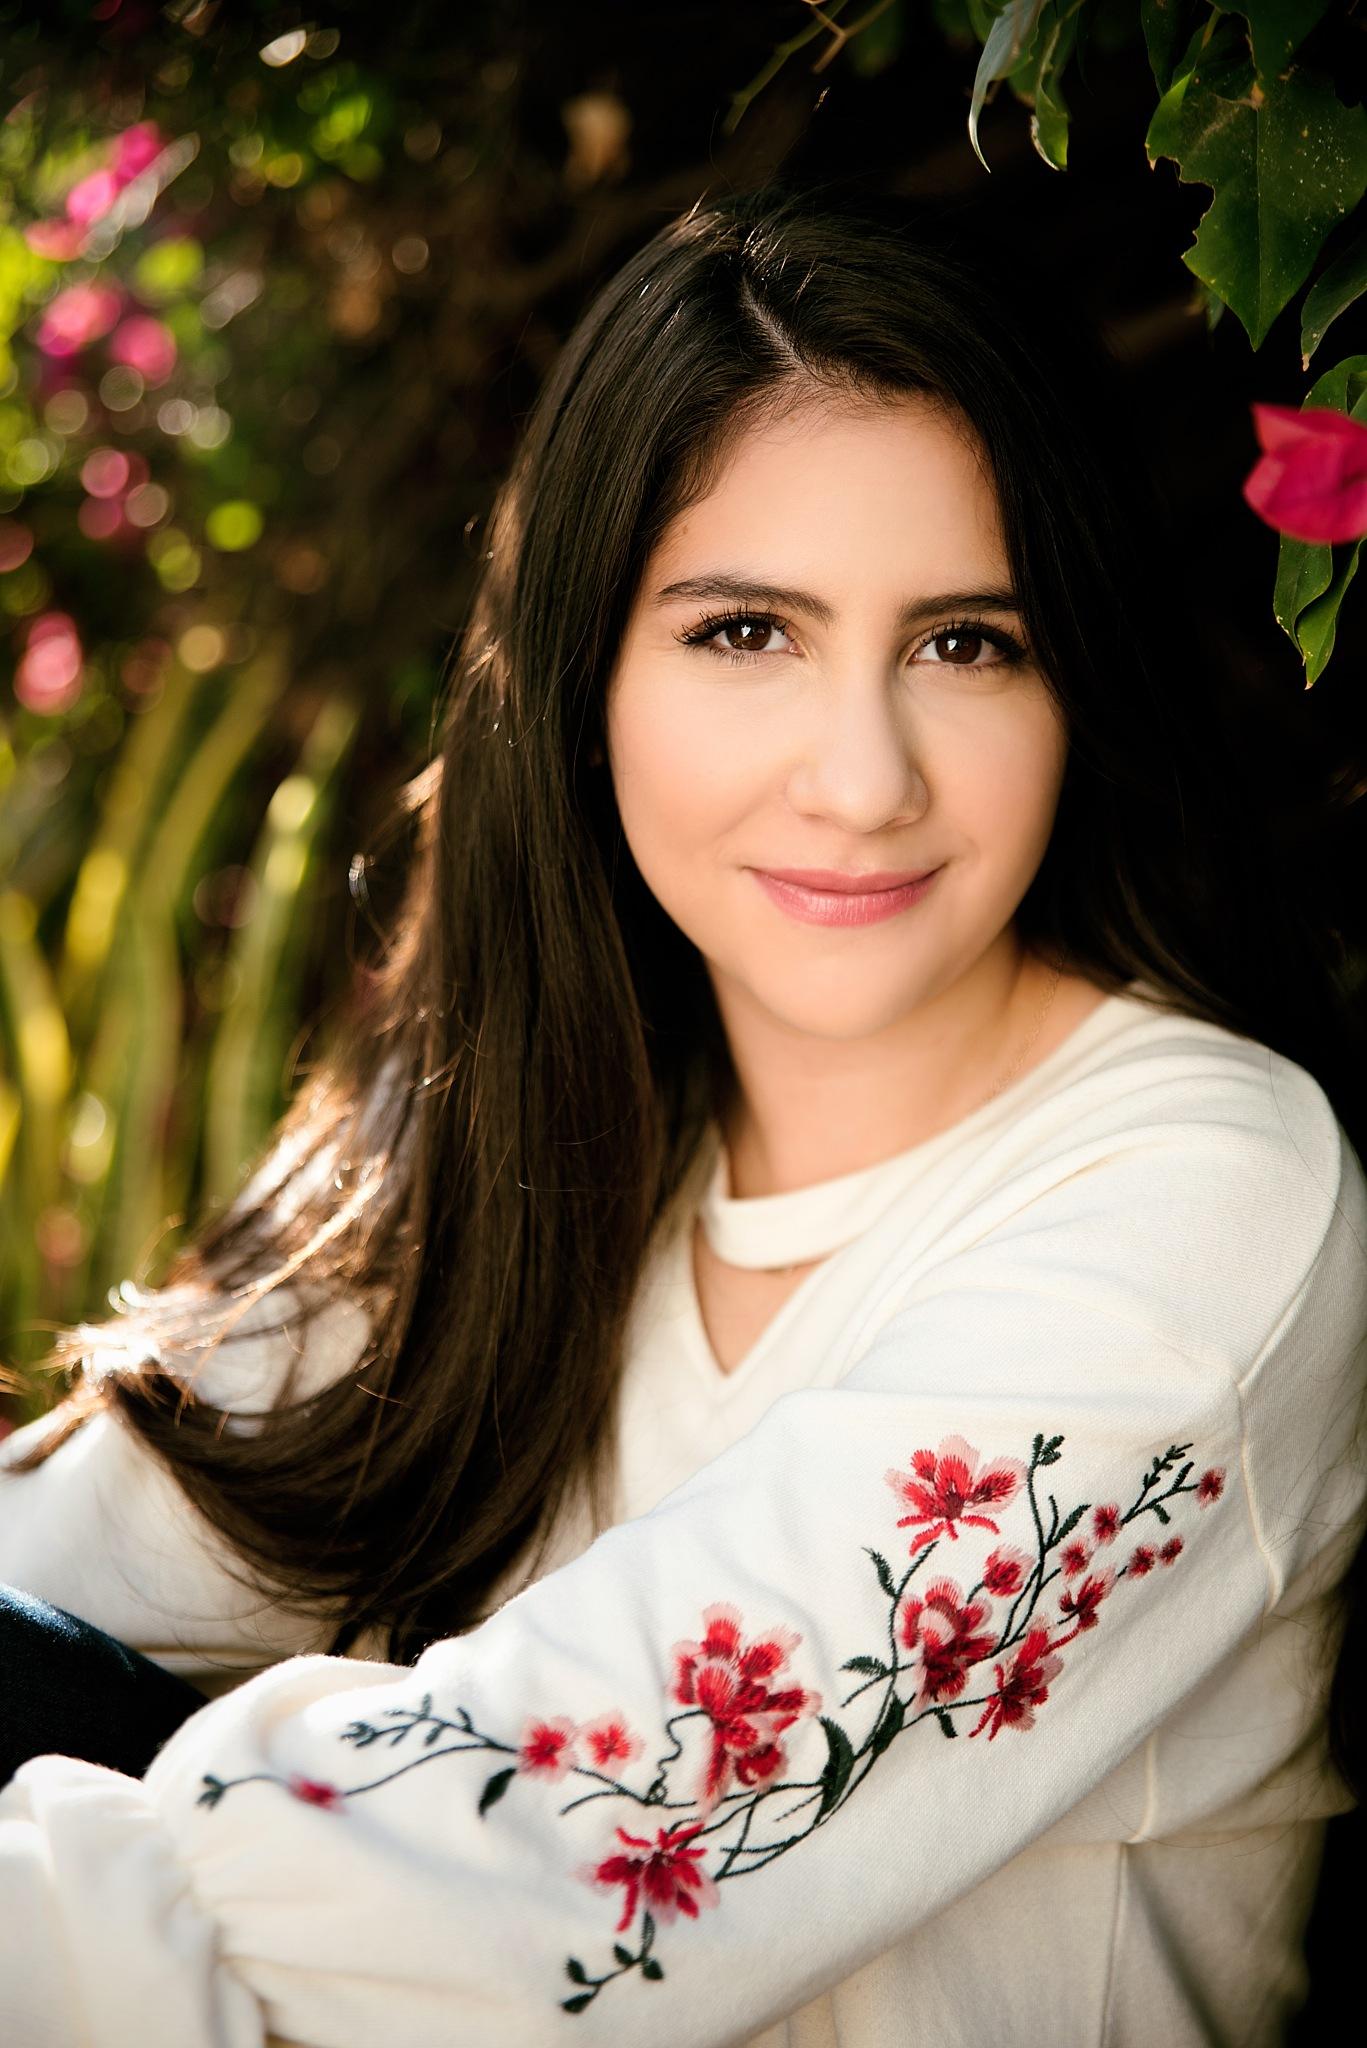 Mariana by Lore Morales Ramonet